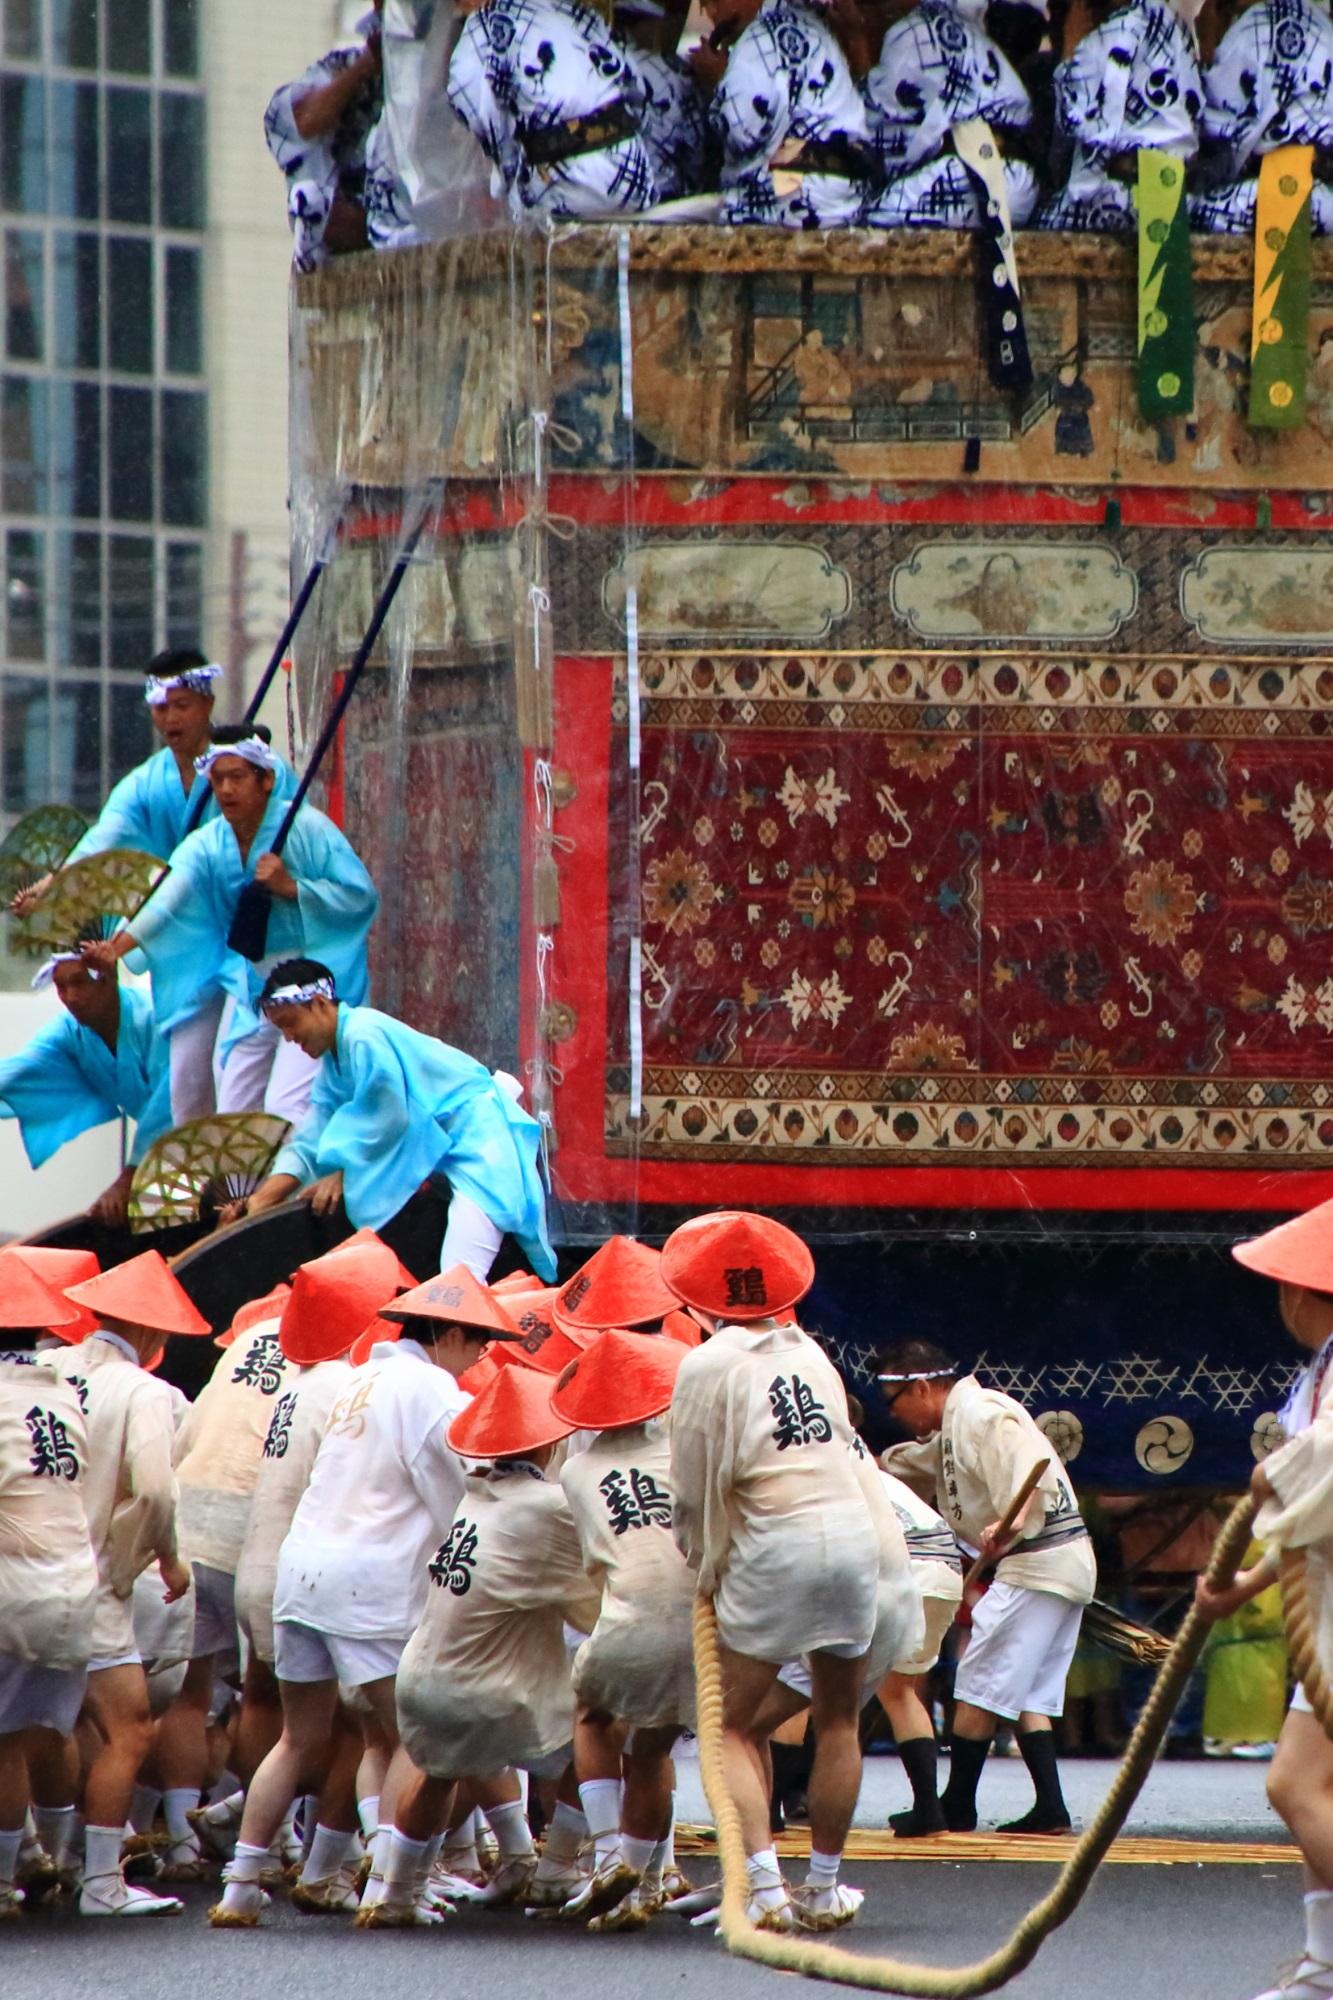 祇園祭の山鉾巡行(前祭)の鶏鉾(にわとりほこ・とりほこ)